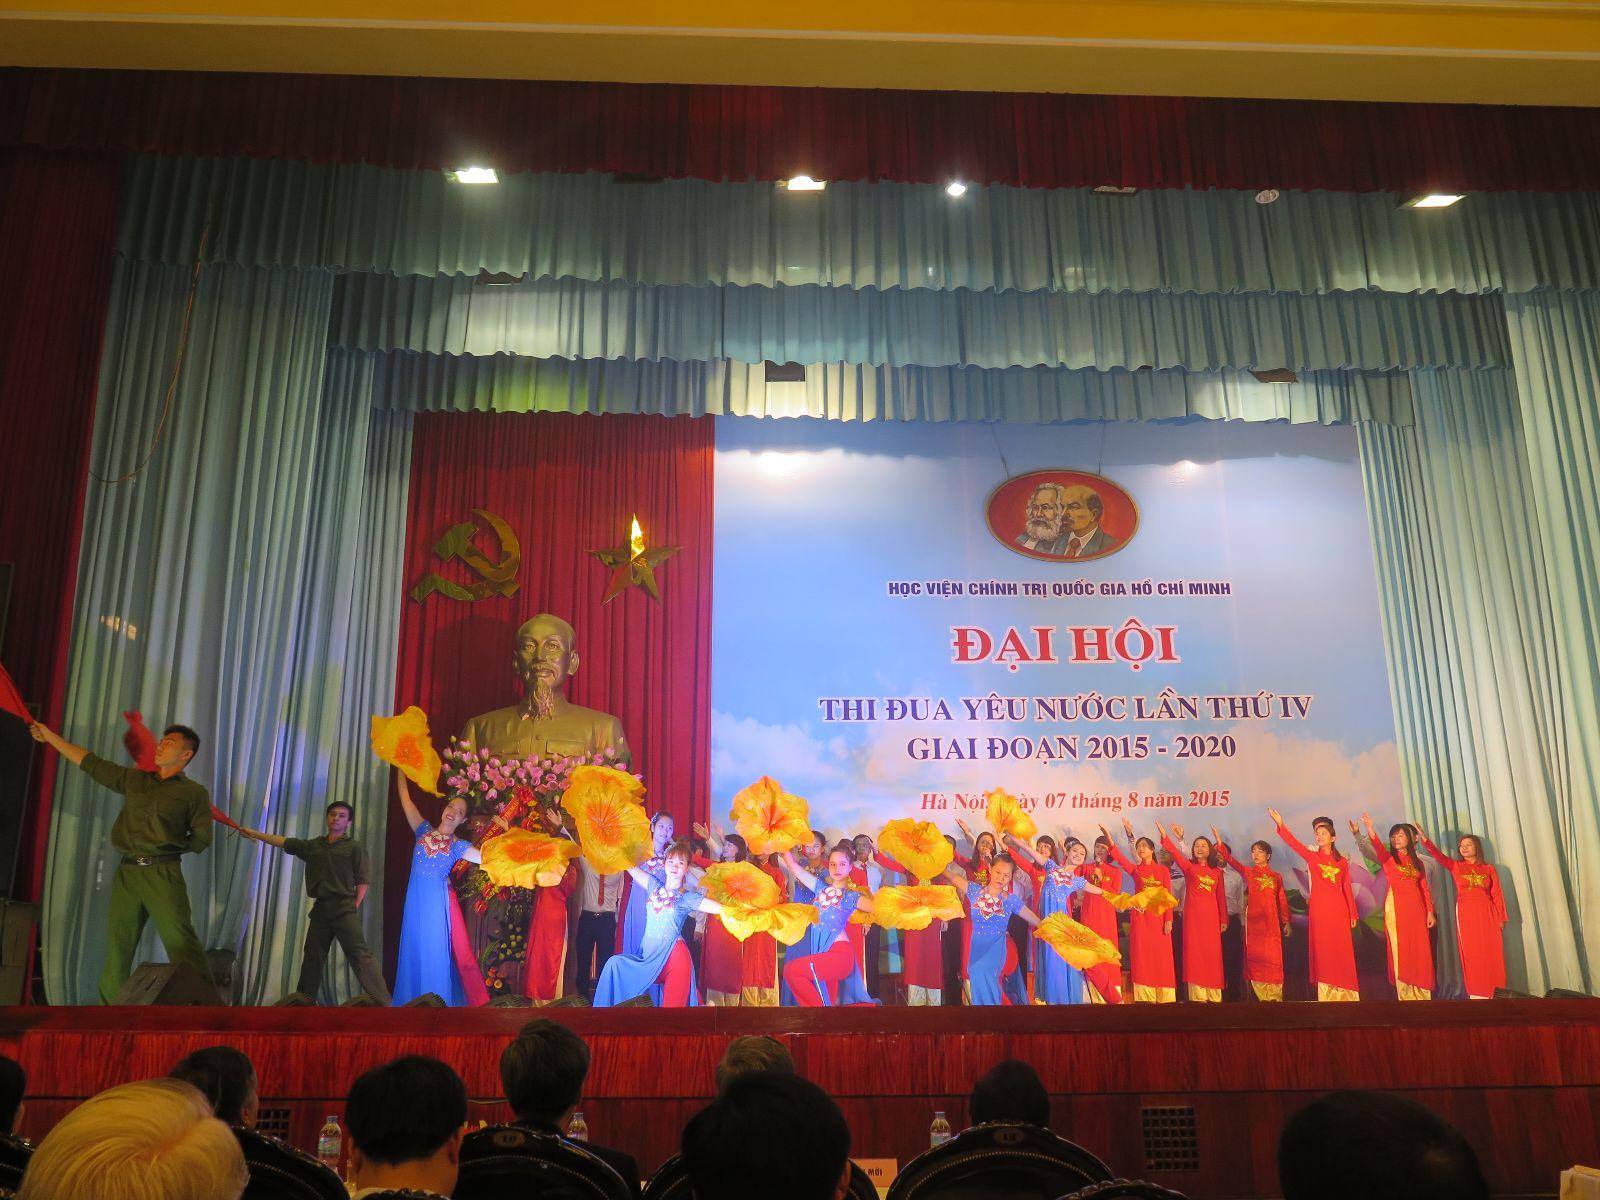 Học viện Phụ nữ Việt Nam tham gia Đại hội thi đua yêu nước Trường Chính trị Hành chính Quốc gia Hồ Chí Minh